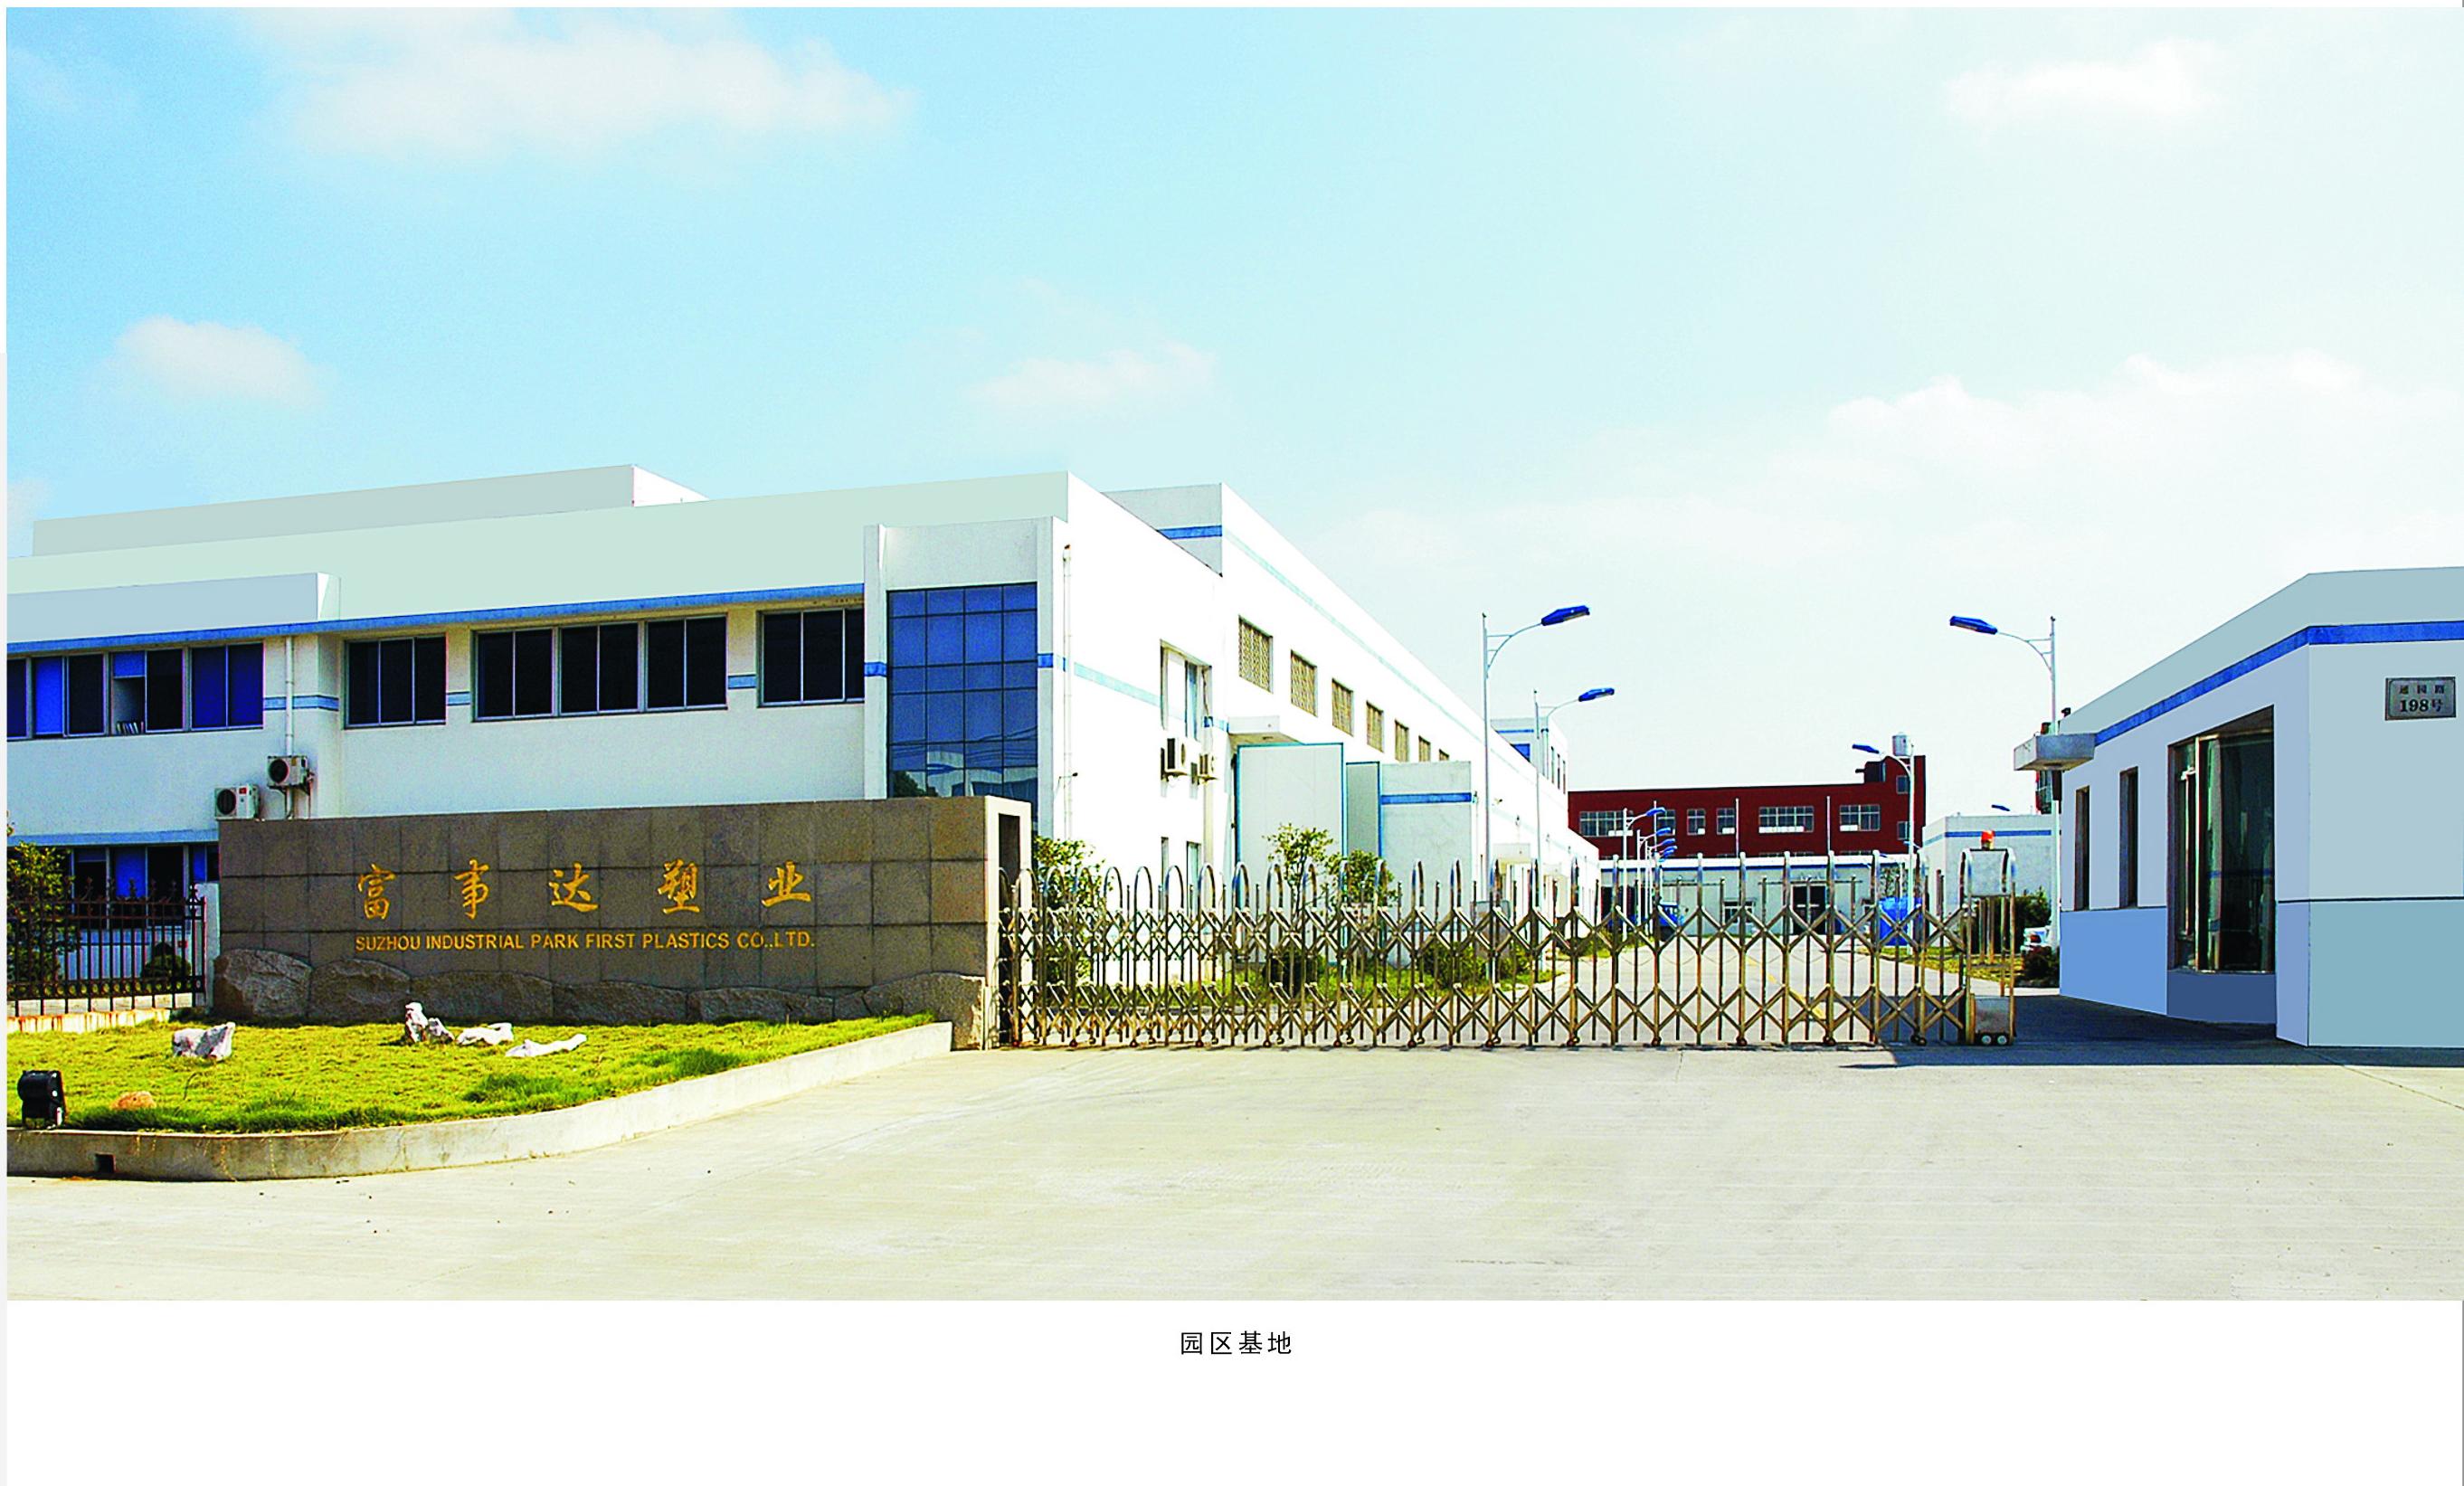 苏州工业园区富事达塑业有限责任公司(苏州塑料一厂)——园区基地